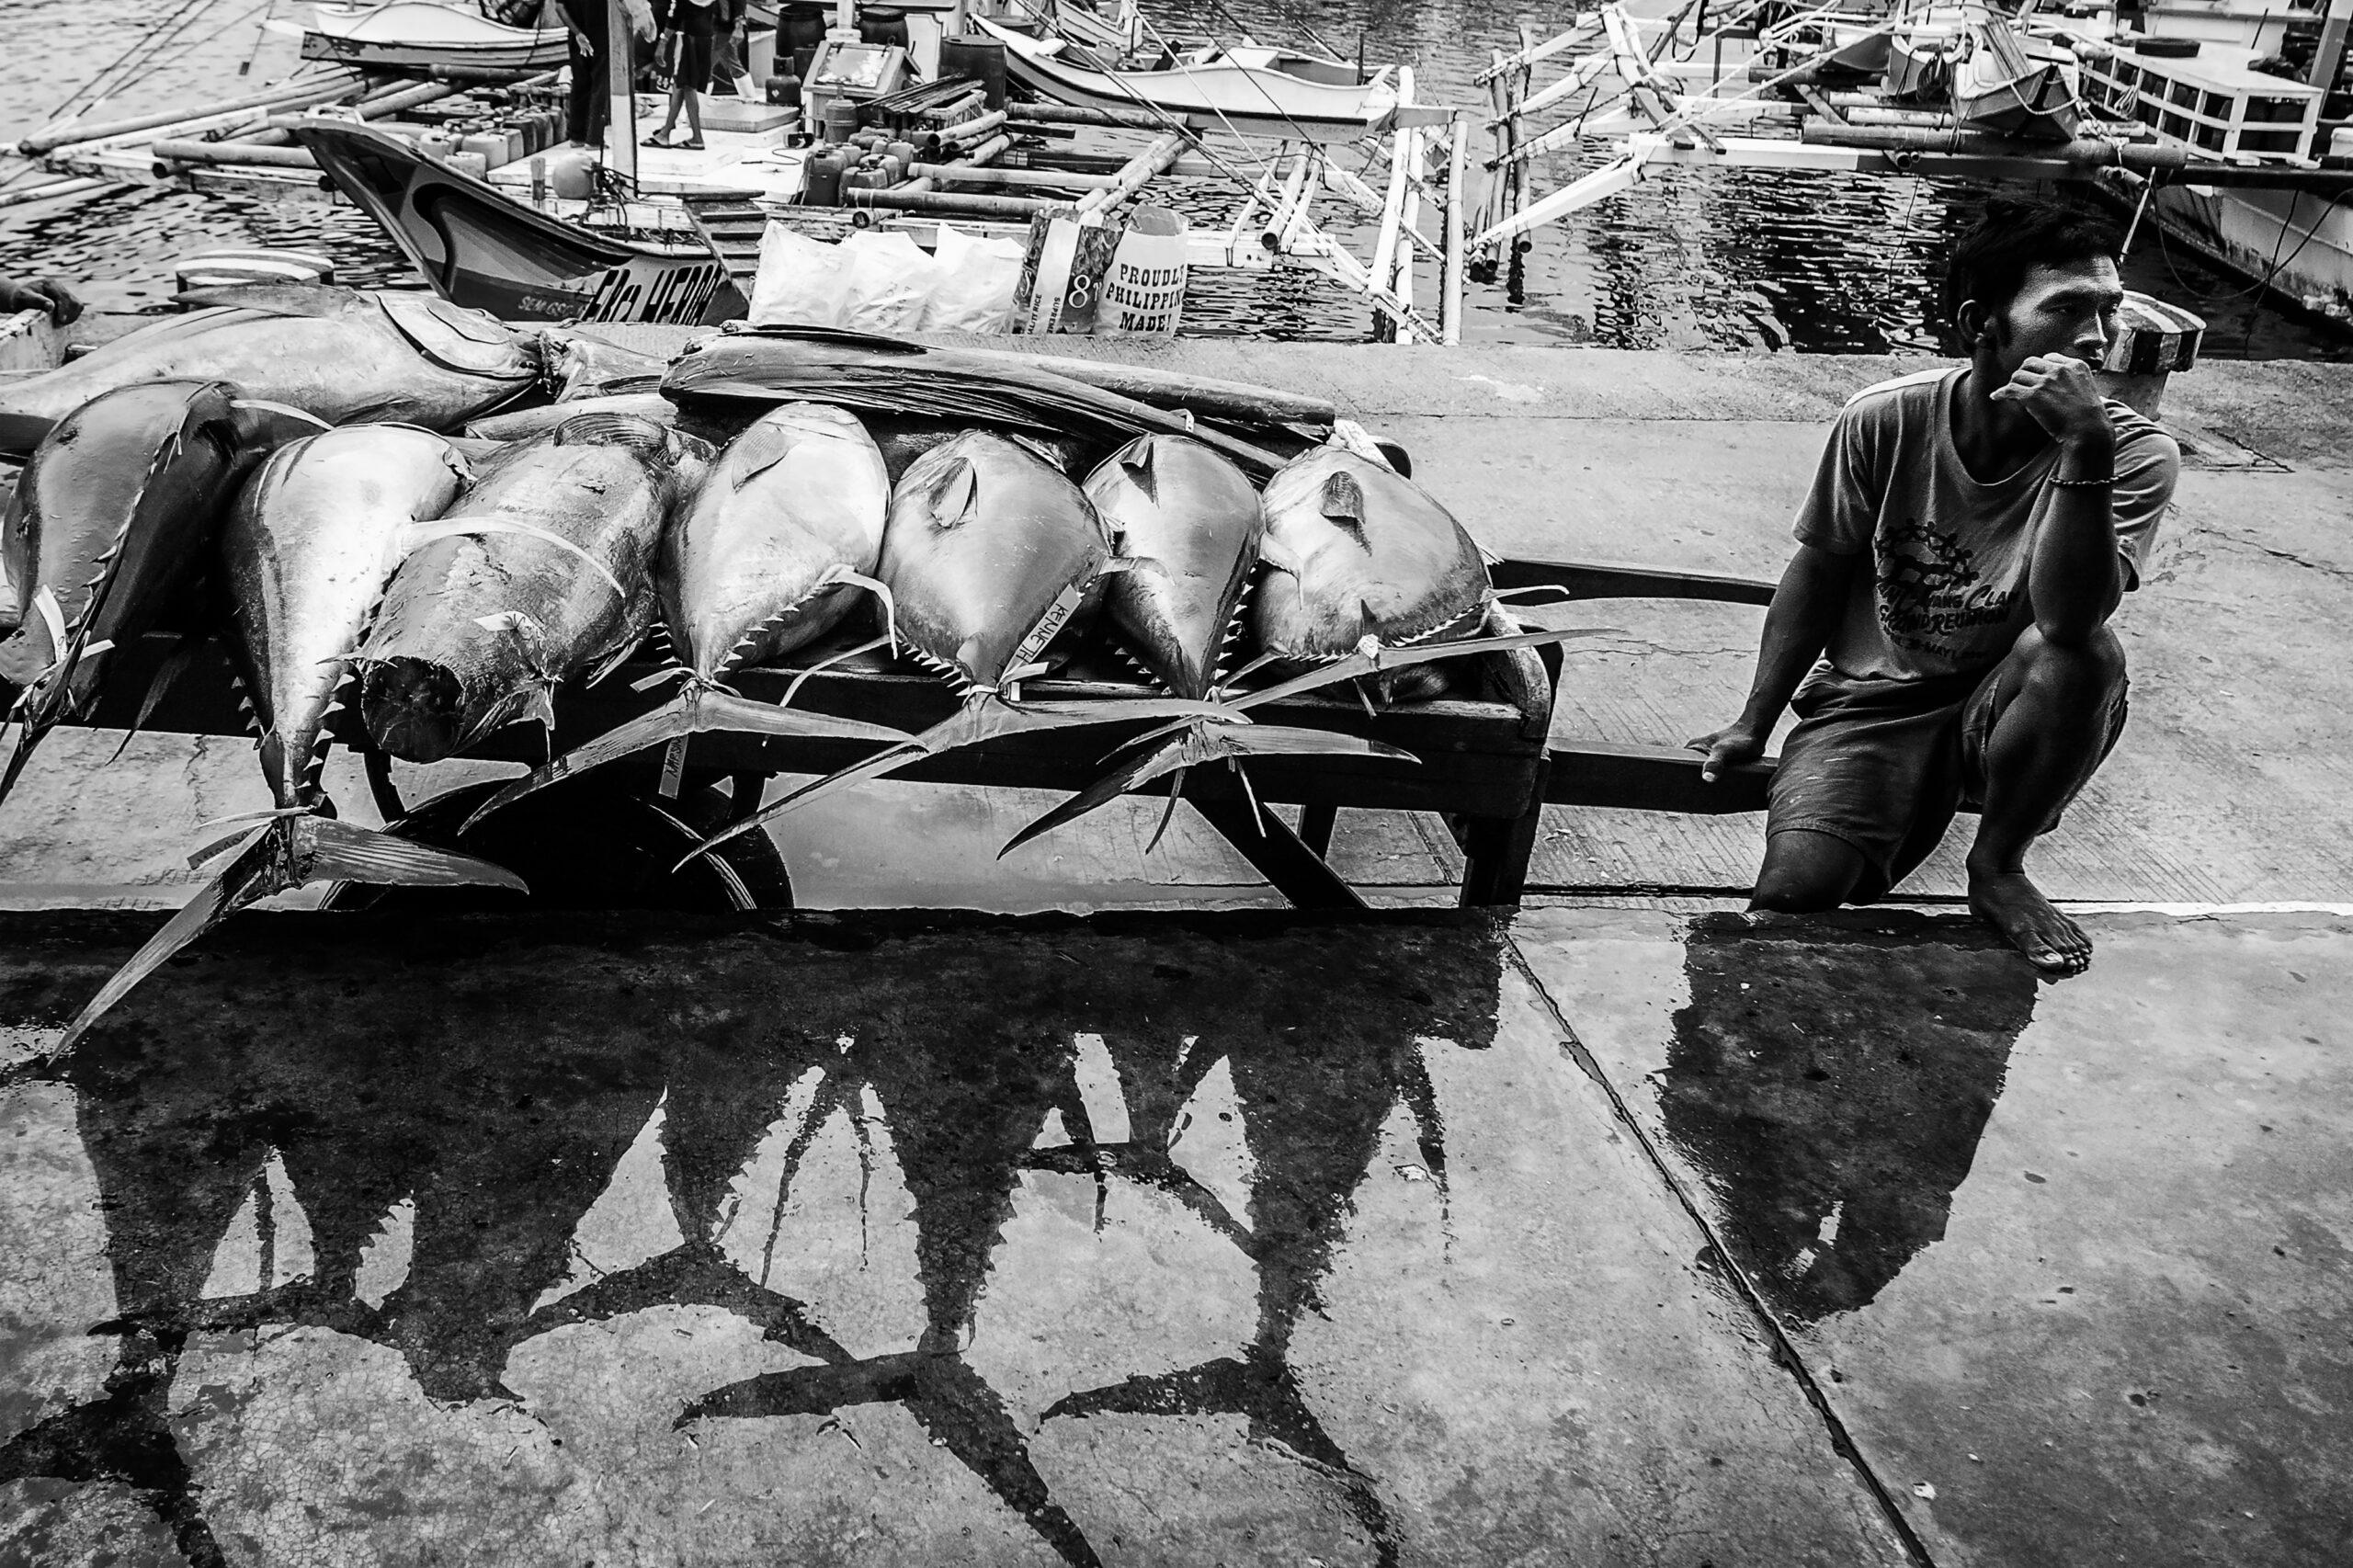 Primer Premio. Categoría: Mejor trabajo en el exterior (Serie). Un pescador espera para pesar los atunes en el puerto de General Santos, Filipinas. La pesca del atún y el cultivo de piña tropical son las principales fuentes de ingresos de los habitantes de de esta localidad, donde ser pescador de atún es un puesto de trabajo muy bien considerado y bien remunerado. Nando Rivero